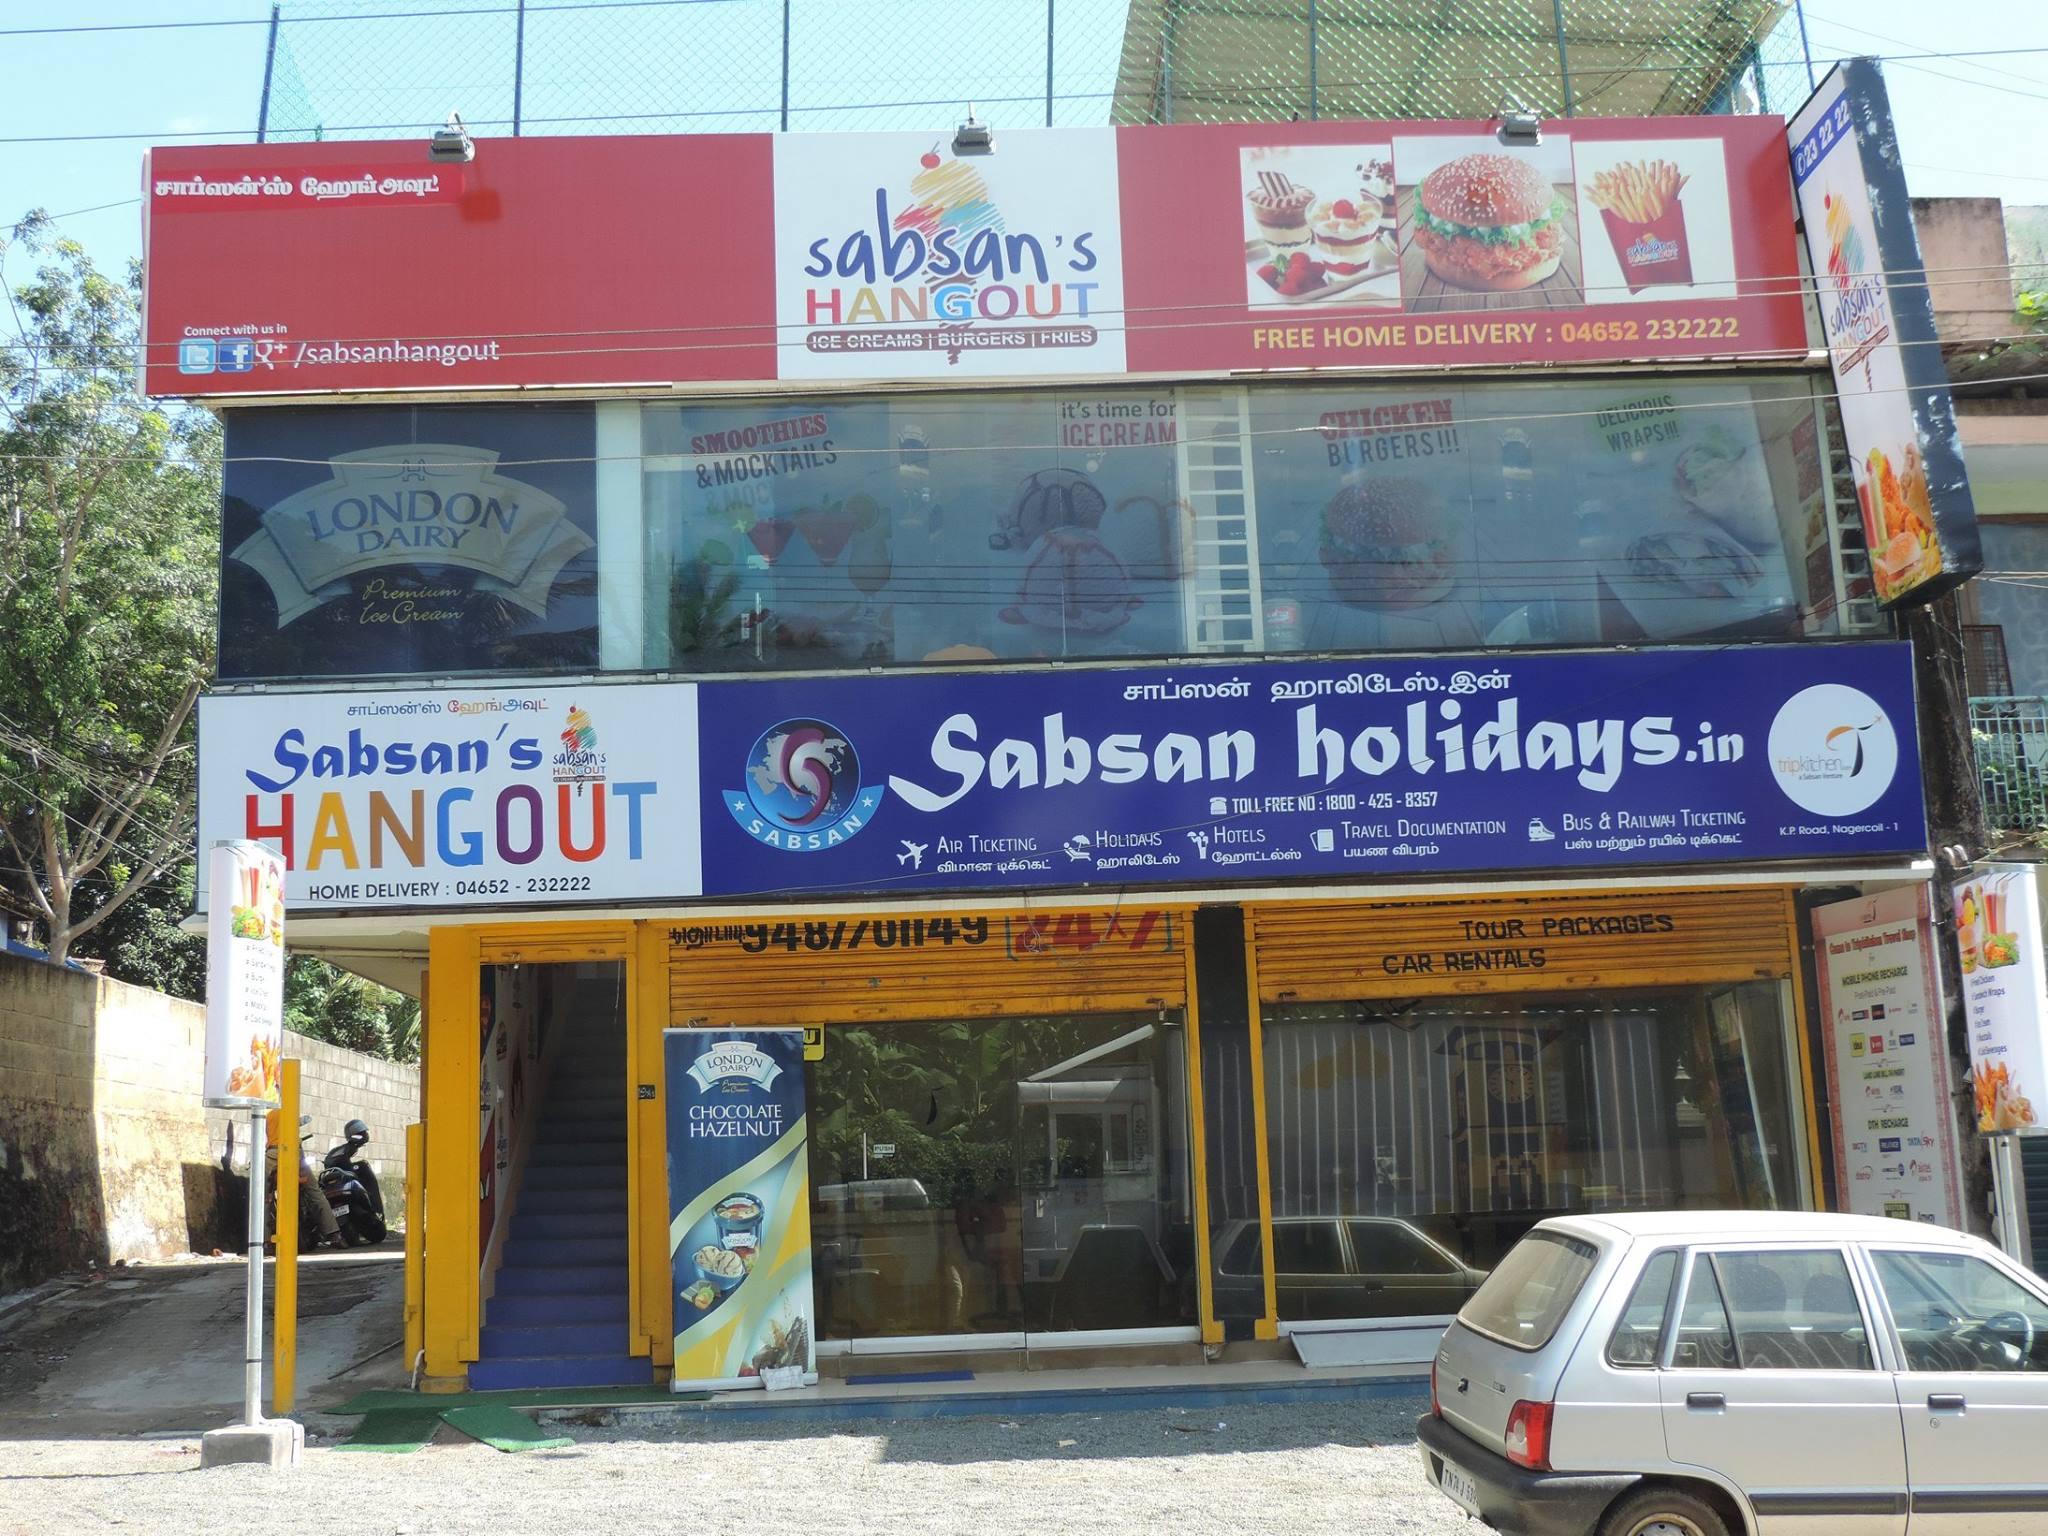 Sabsan's Hangout